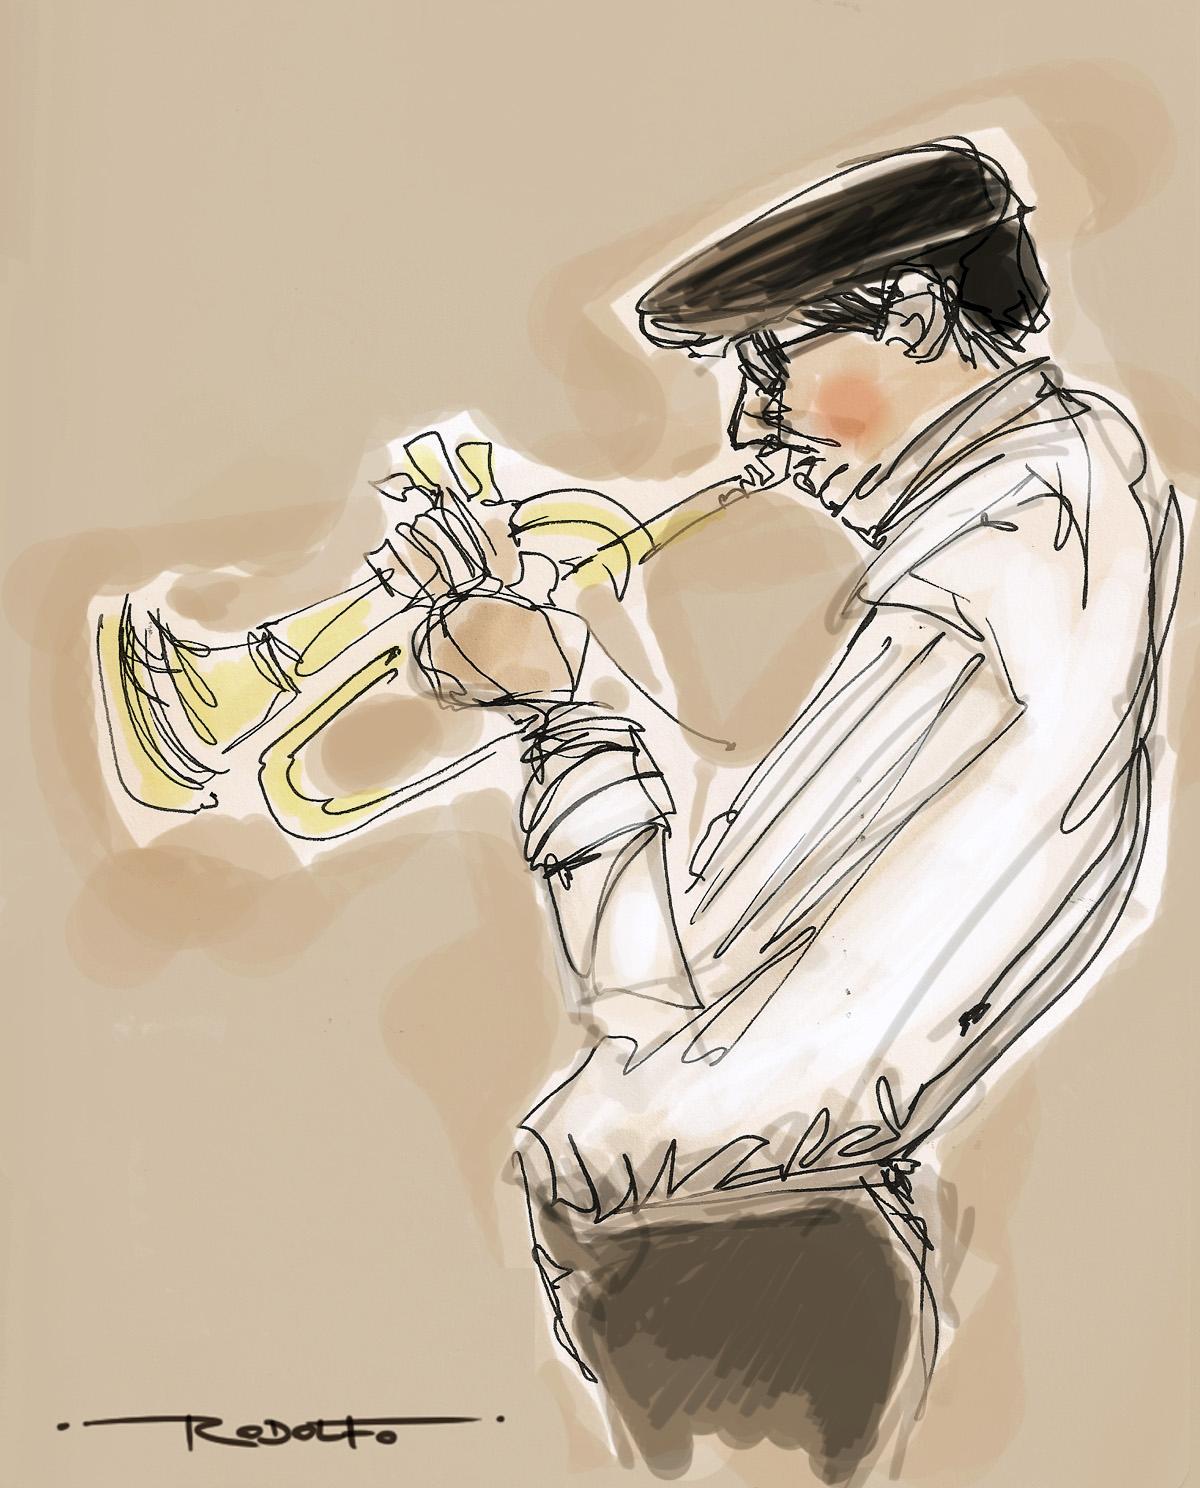 http://4.bp.blogspot.com/_mOr7wv1Xlvo/TPWtNLFPYOI/AAAAAAAABfo/66BUtlVwdEI/s1600/trompete-rabisco.jpg